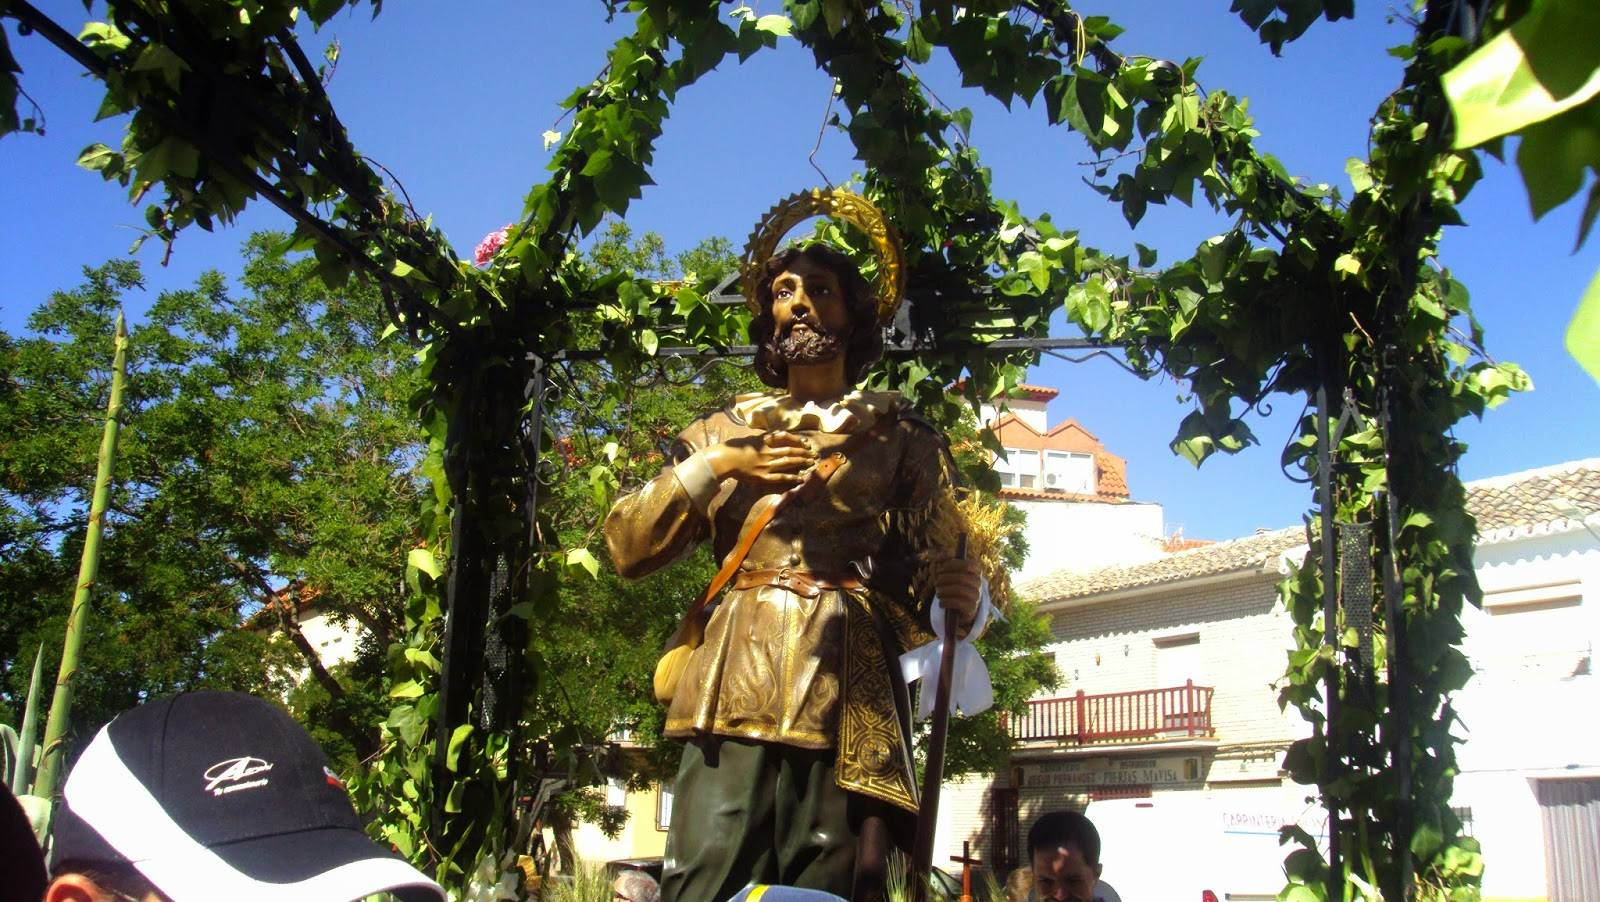 Procesión de san Isidro 2015. Fotografía de sancristobalherencia.blogspot.com.es